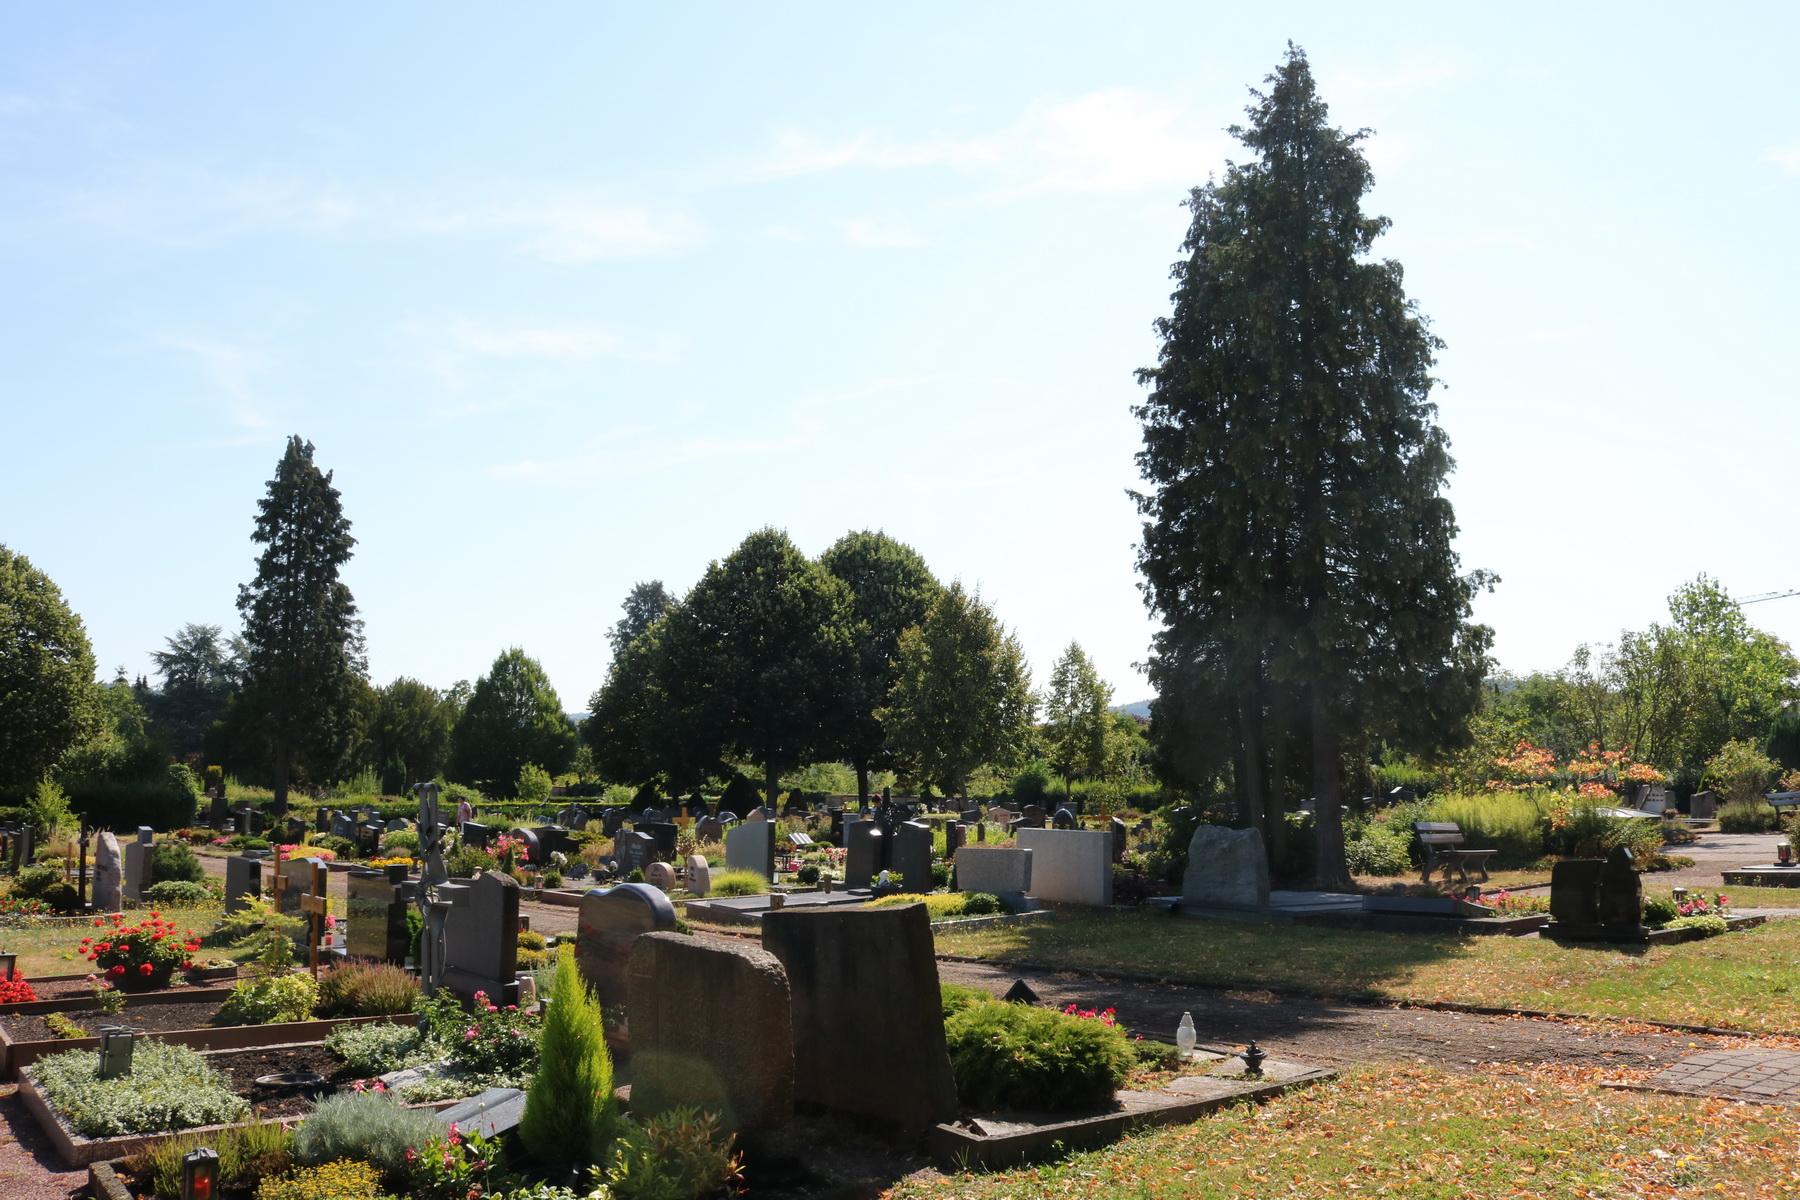 Grabsteine auf dem Friedhof in Hilbringen